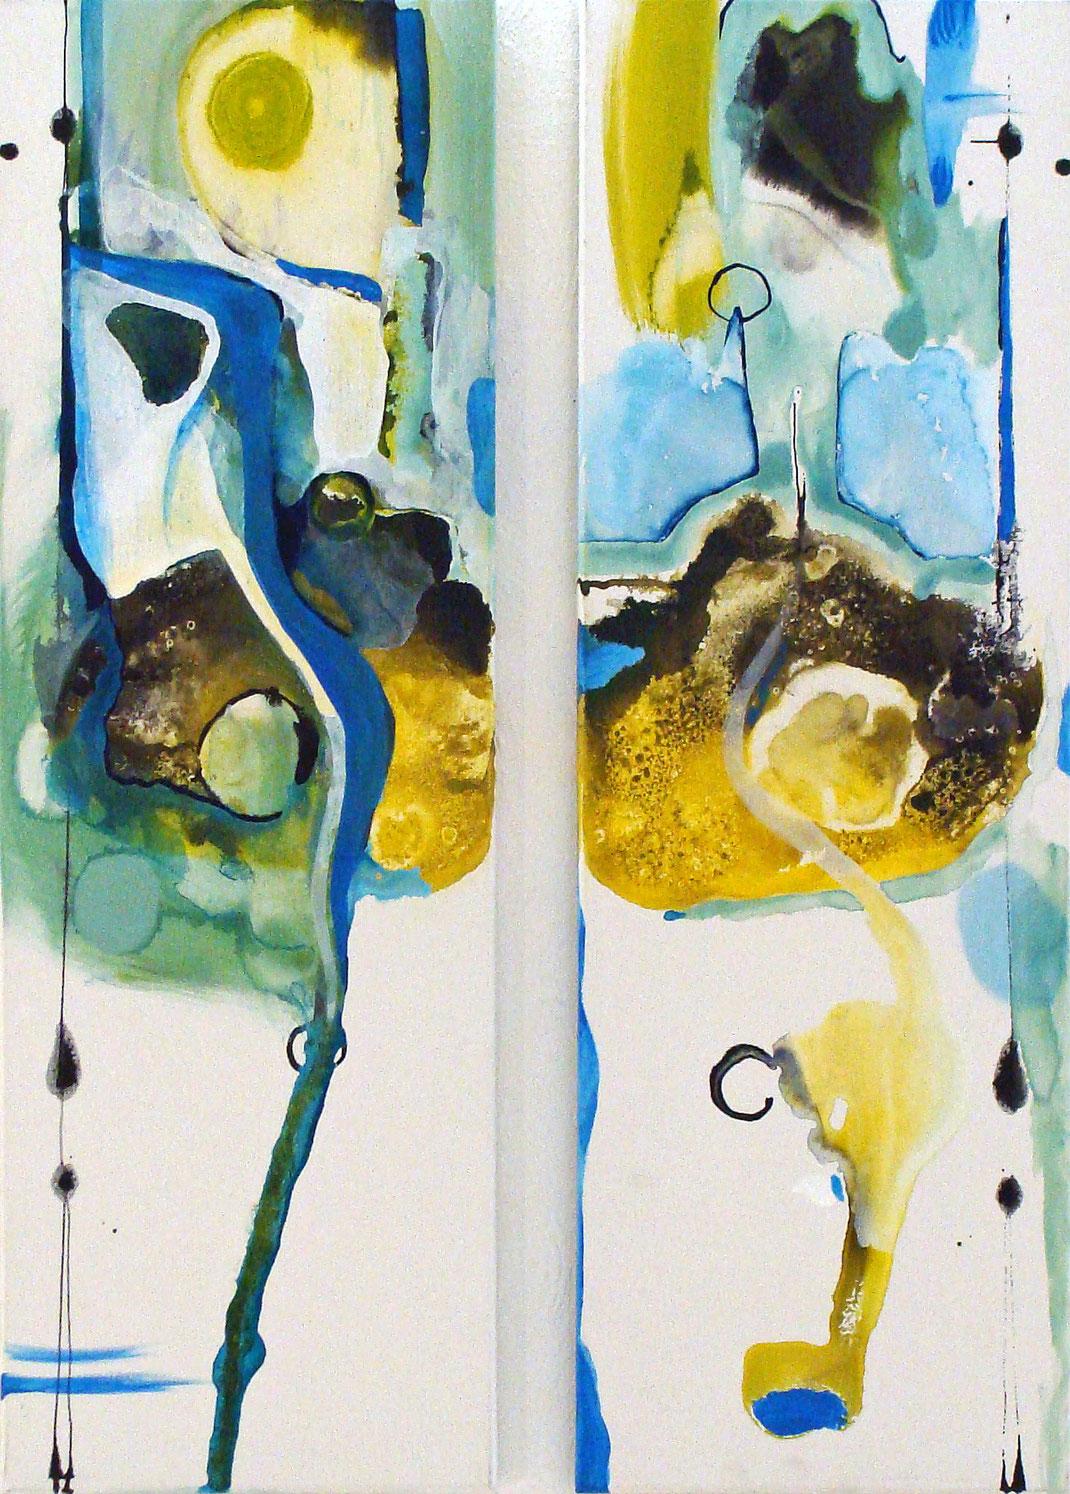 Diptychon, Zeichentusche, grüngelb, blau, abstrakt, elegant, Kunstsammlung, Kunstsammler, Hamburg, Künstlerin, Kunst